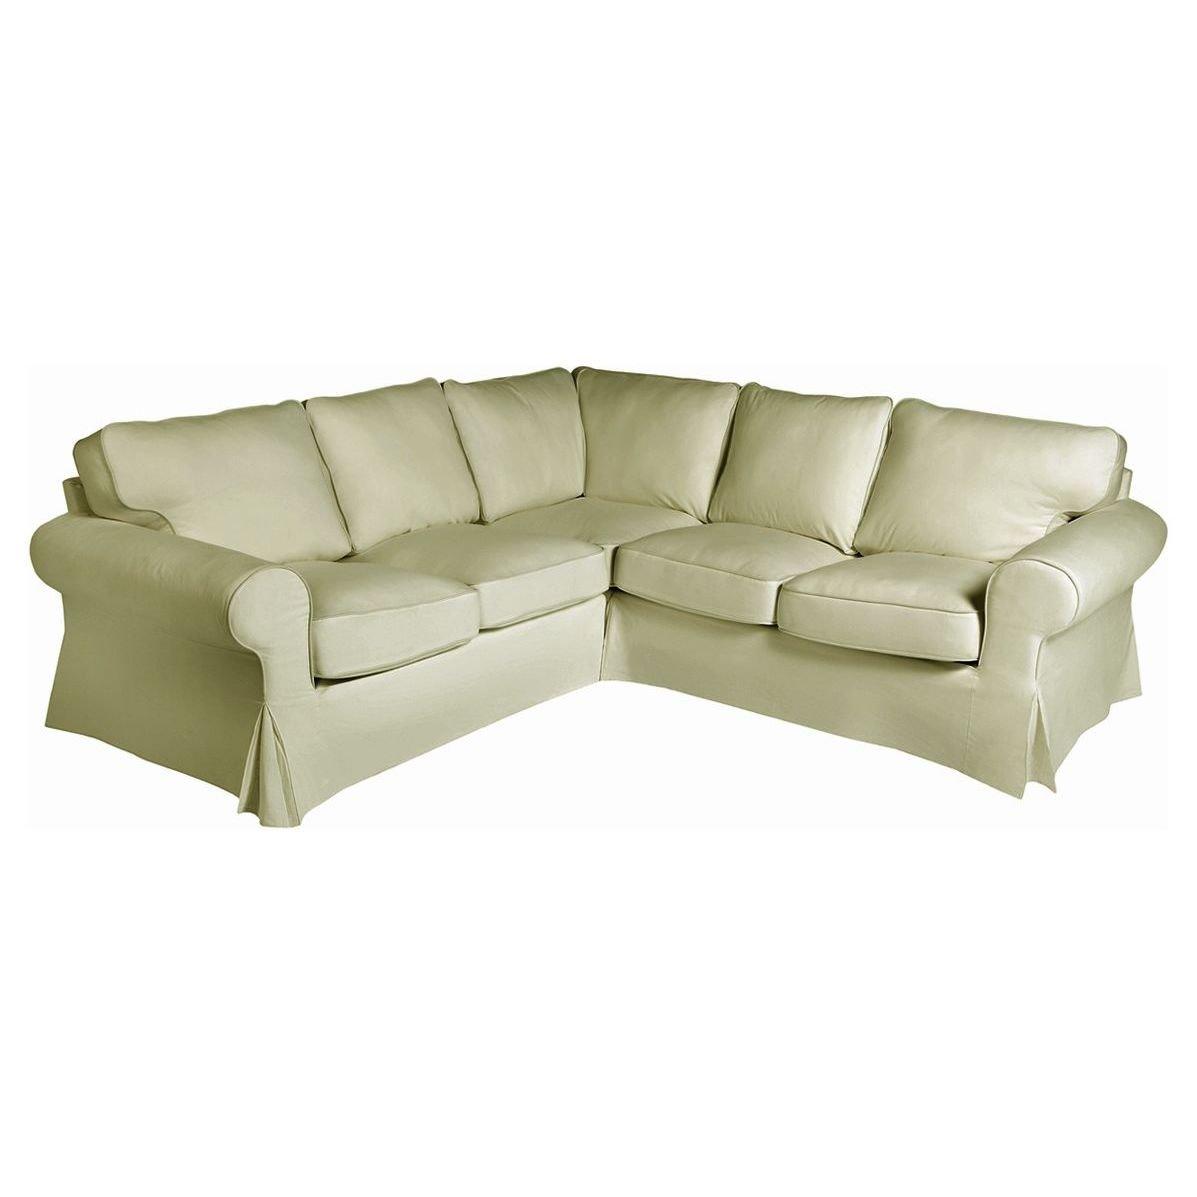 Sof s modernos el corte ingl s for Precios de sofas modernos